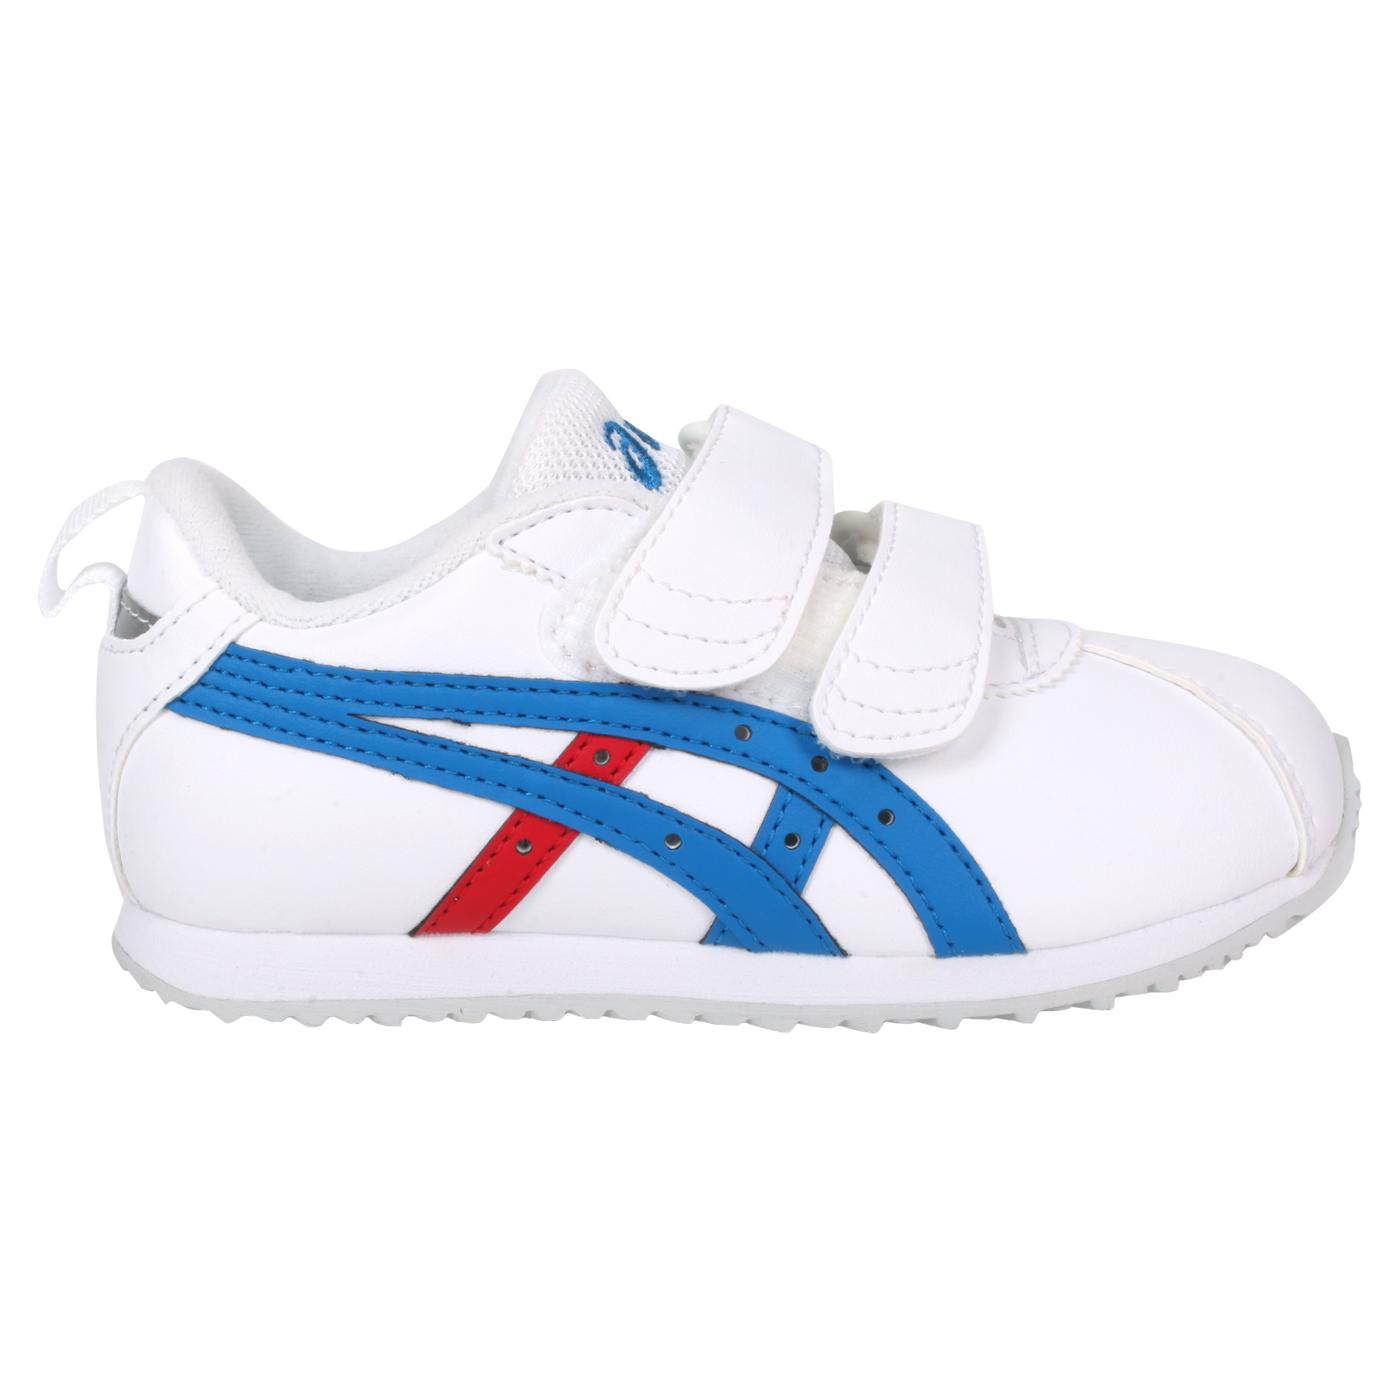 ASICS 大童運動鞋  @CORSAIR MINI SL 2@1144A152-101